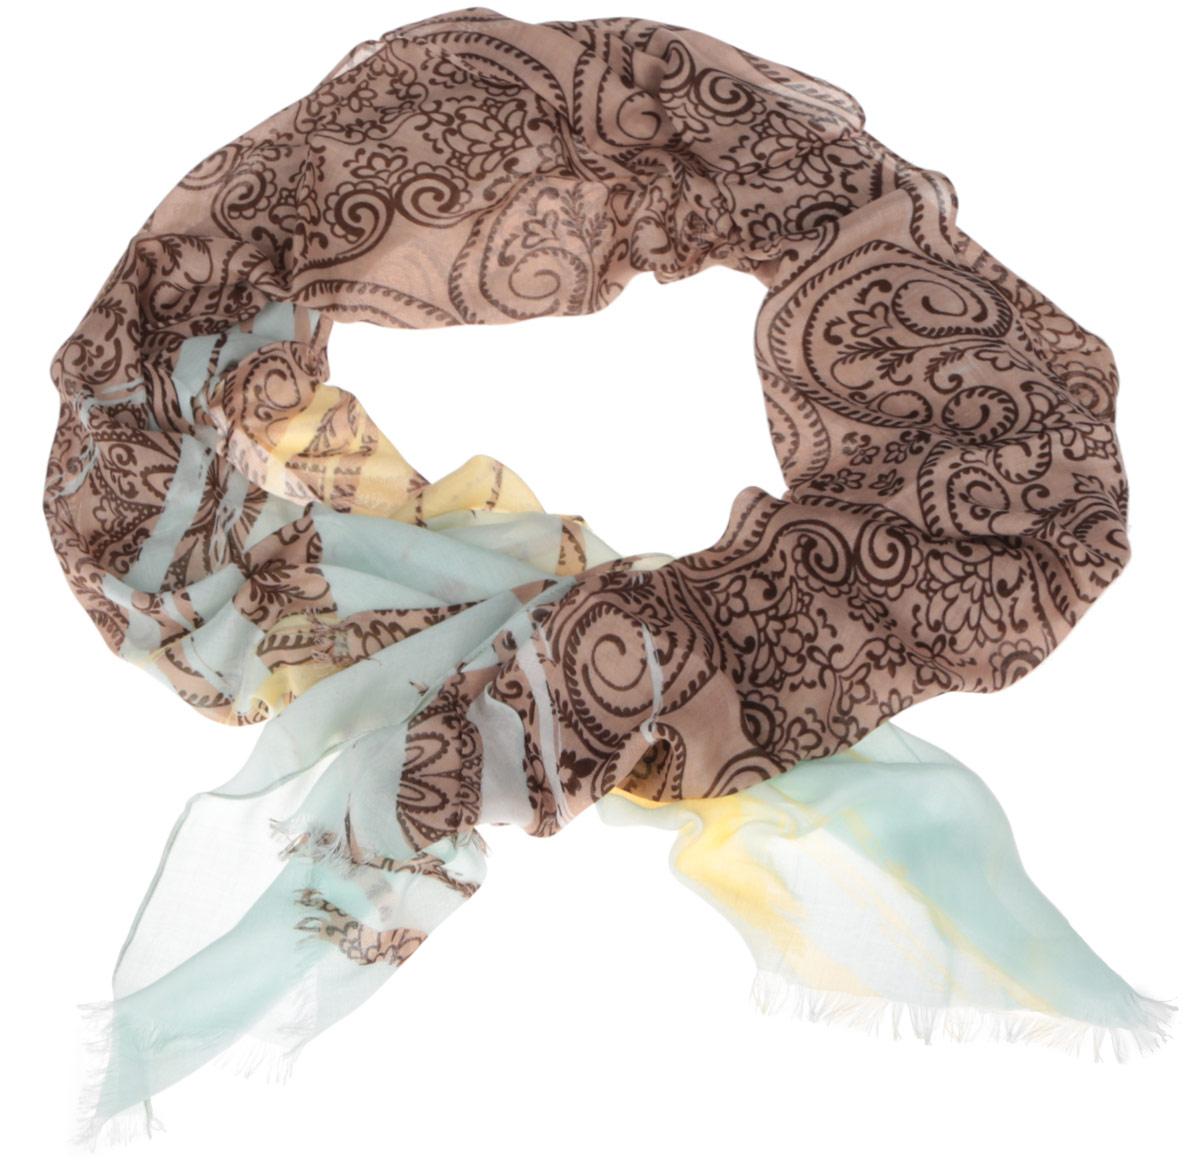 ШарфDS2015-001-2Модный женский шарф Fabretti подарит вам уют и станет стильным аксессуаром, который призван подчеркнуть вашу индивидуальность и женственность. Тонкий шарф выполнен из высококачественного модала с добавлением вискозы, он невероятно мягкий и приятный на ощупь. Шарф оформлен принтом с оригинальным цветочным орнаментом. Этот модный аксессуар гармонично дополнит образ современной женщины, следящей за своим имиджем и стремящейся всегда оставаться стильной и элегантной. Такой шарф украсит любой наряд и согреет вас в непогоду, с ним вы всегда будете выглядеть изысканно и оригинально.